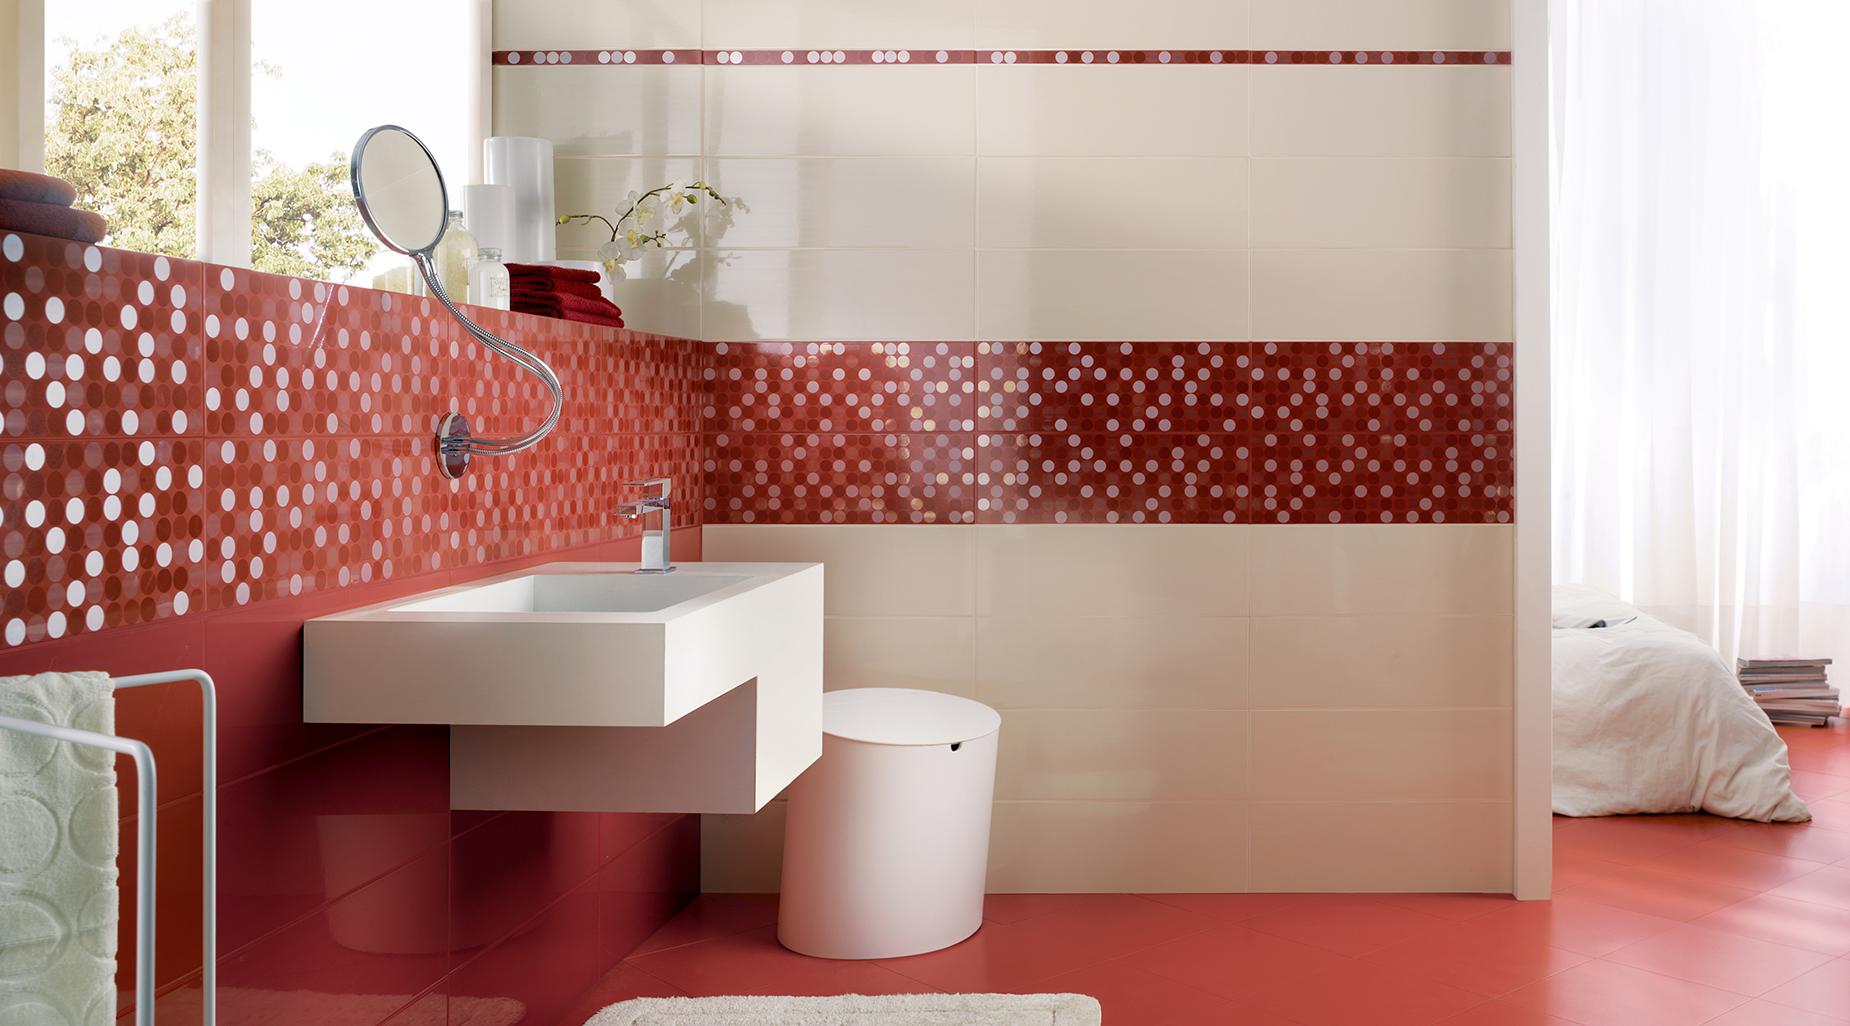 Piastrelle bagno bordeaux brilliant with piastrelle bagno - Bagno mosaico rosso ...